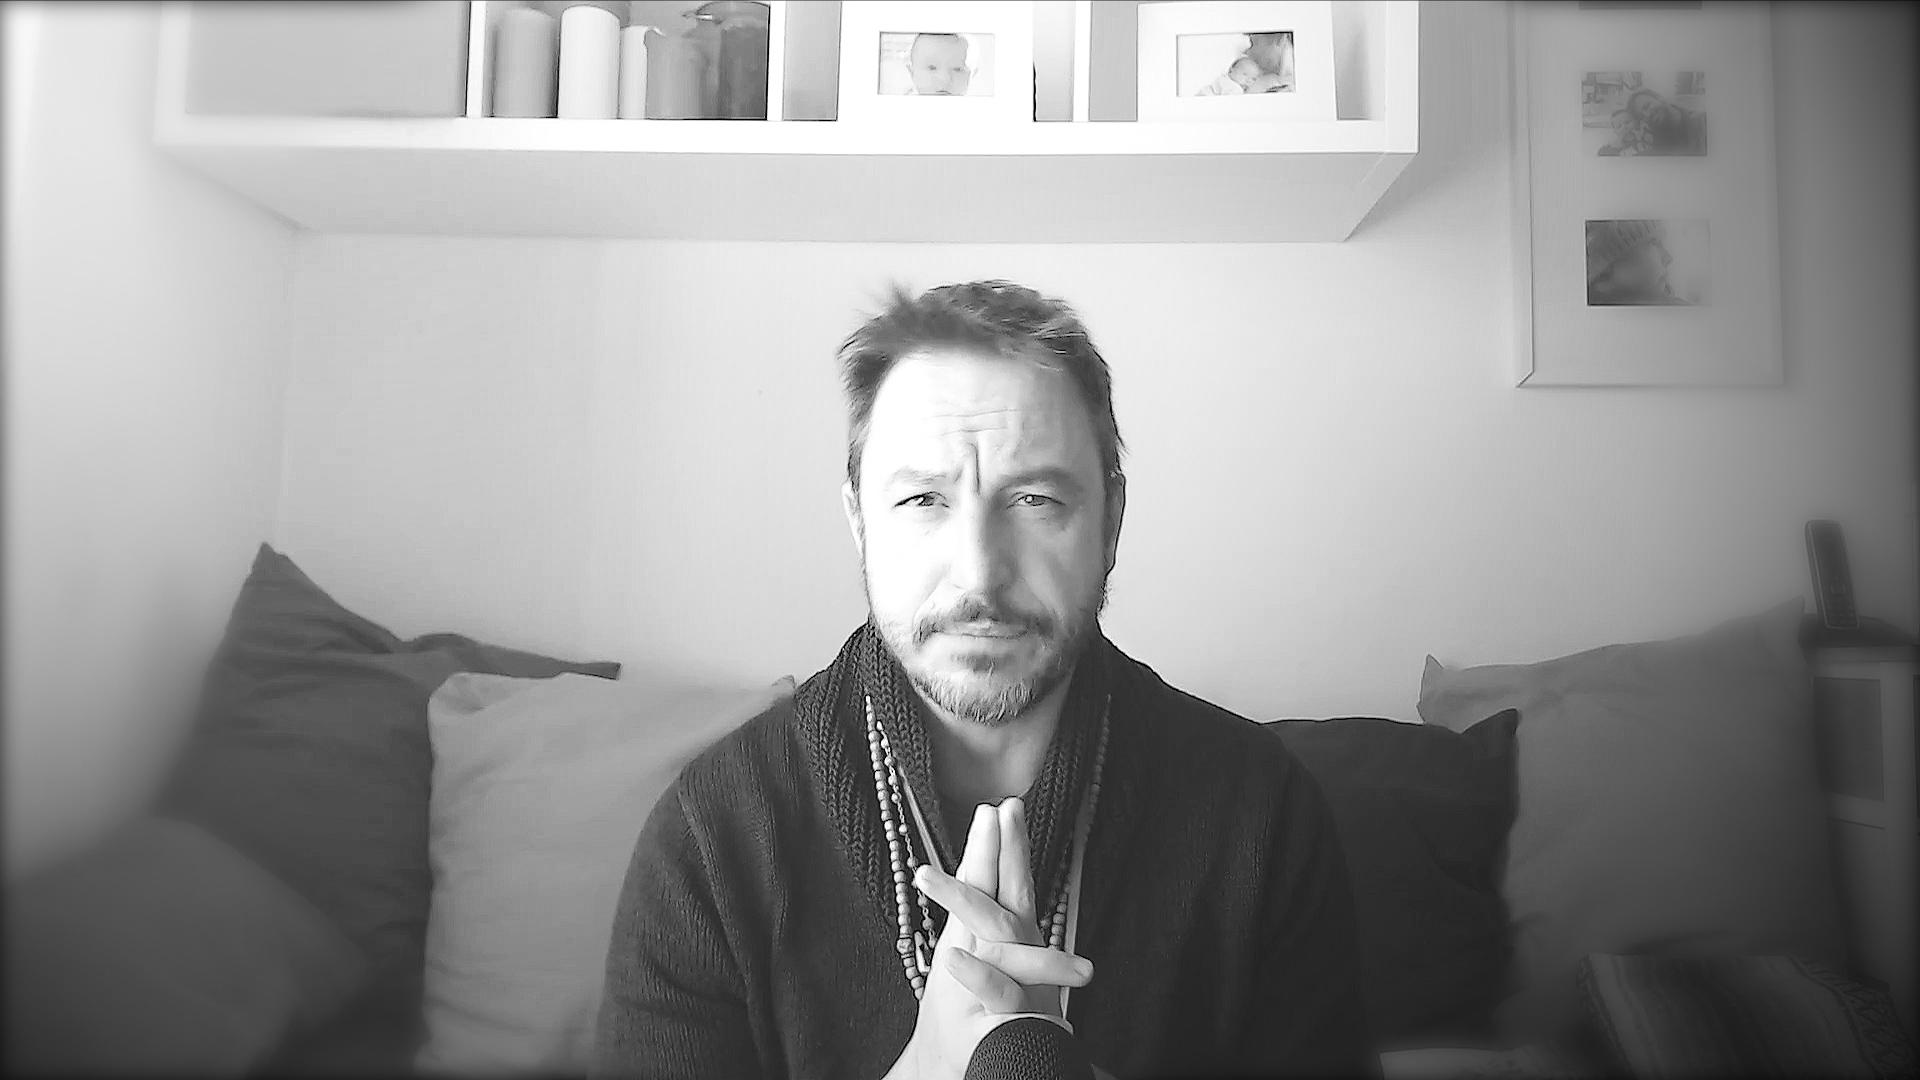 I veri strumenti del Mago, della strega, dello sciamano risiedono in Intuizione, Volontà, Cuore e Anima